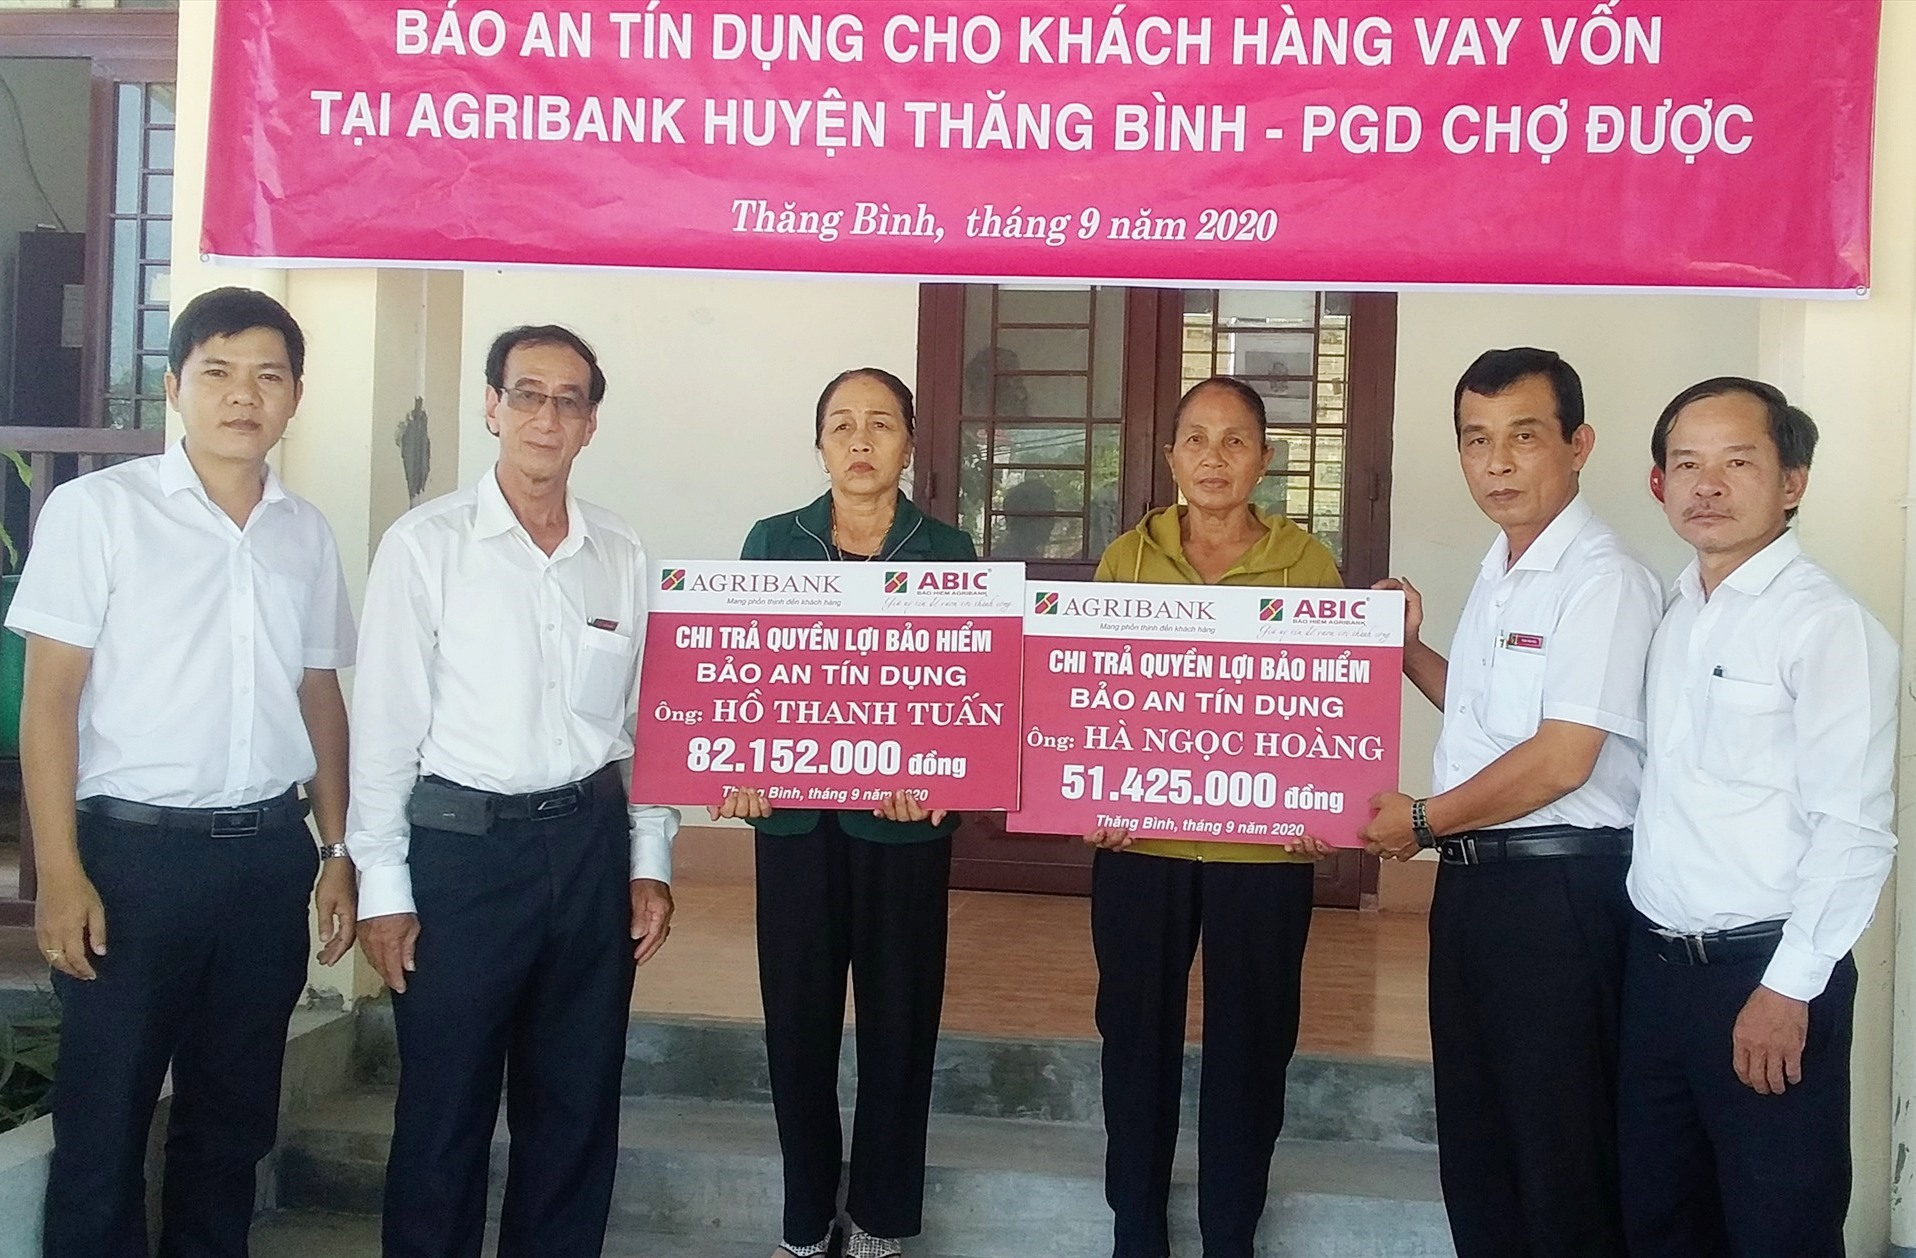 ABIC chi trả quyền lợi cho 2 khách hàng tại xã Bình Hải (Thăng Bình).